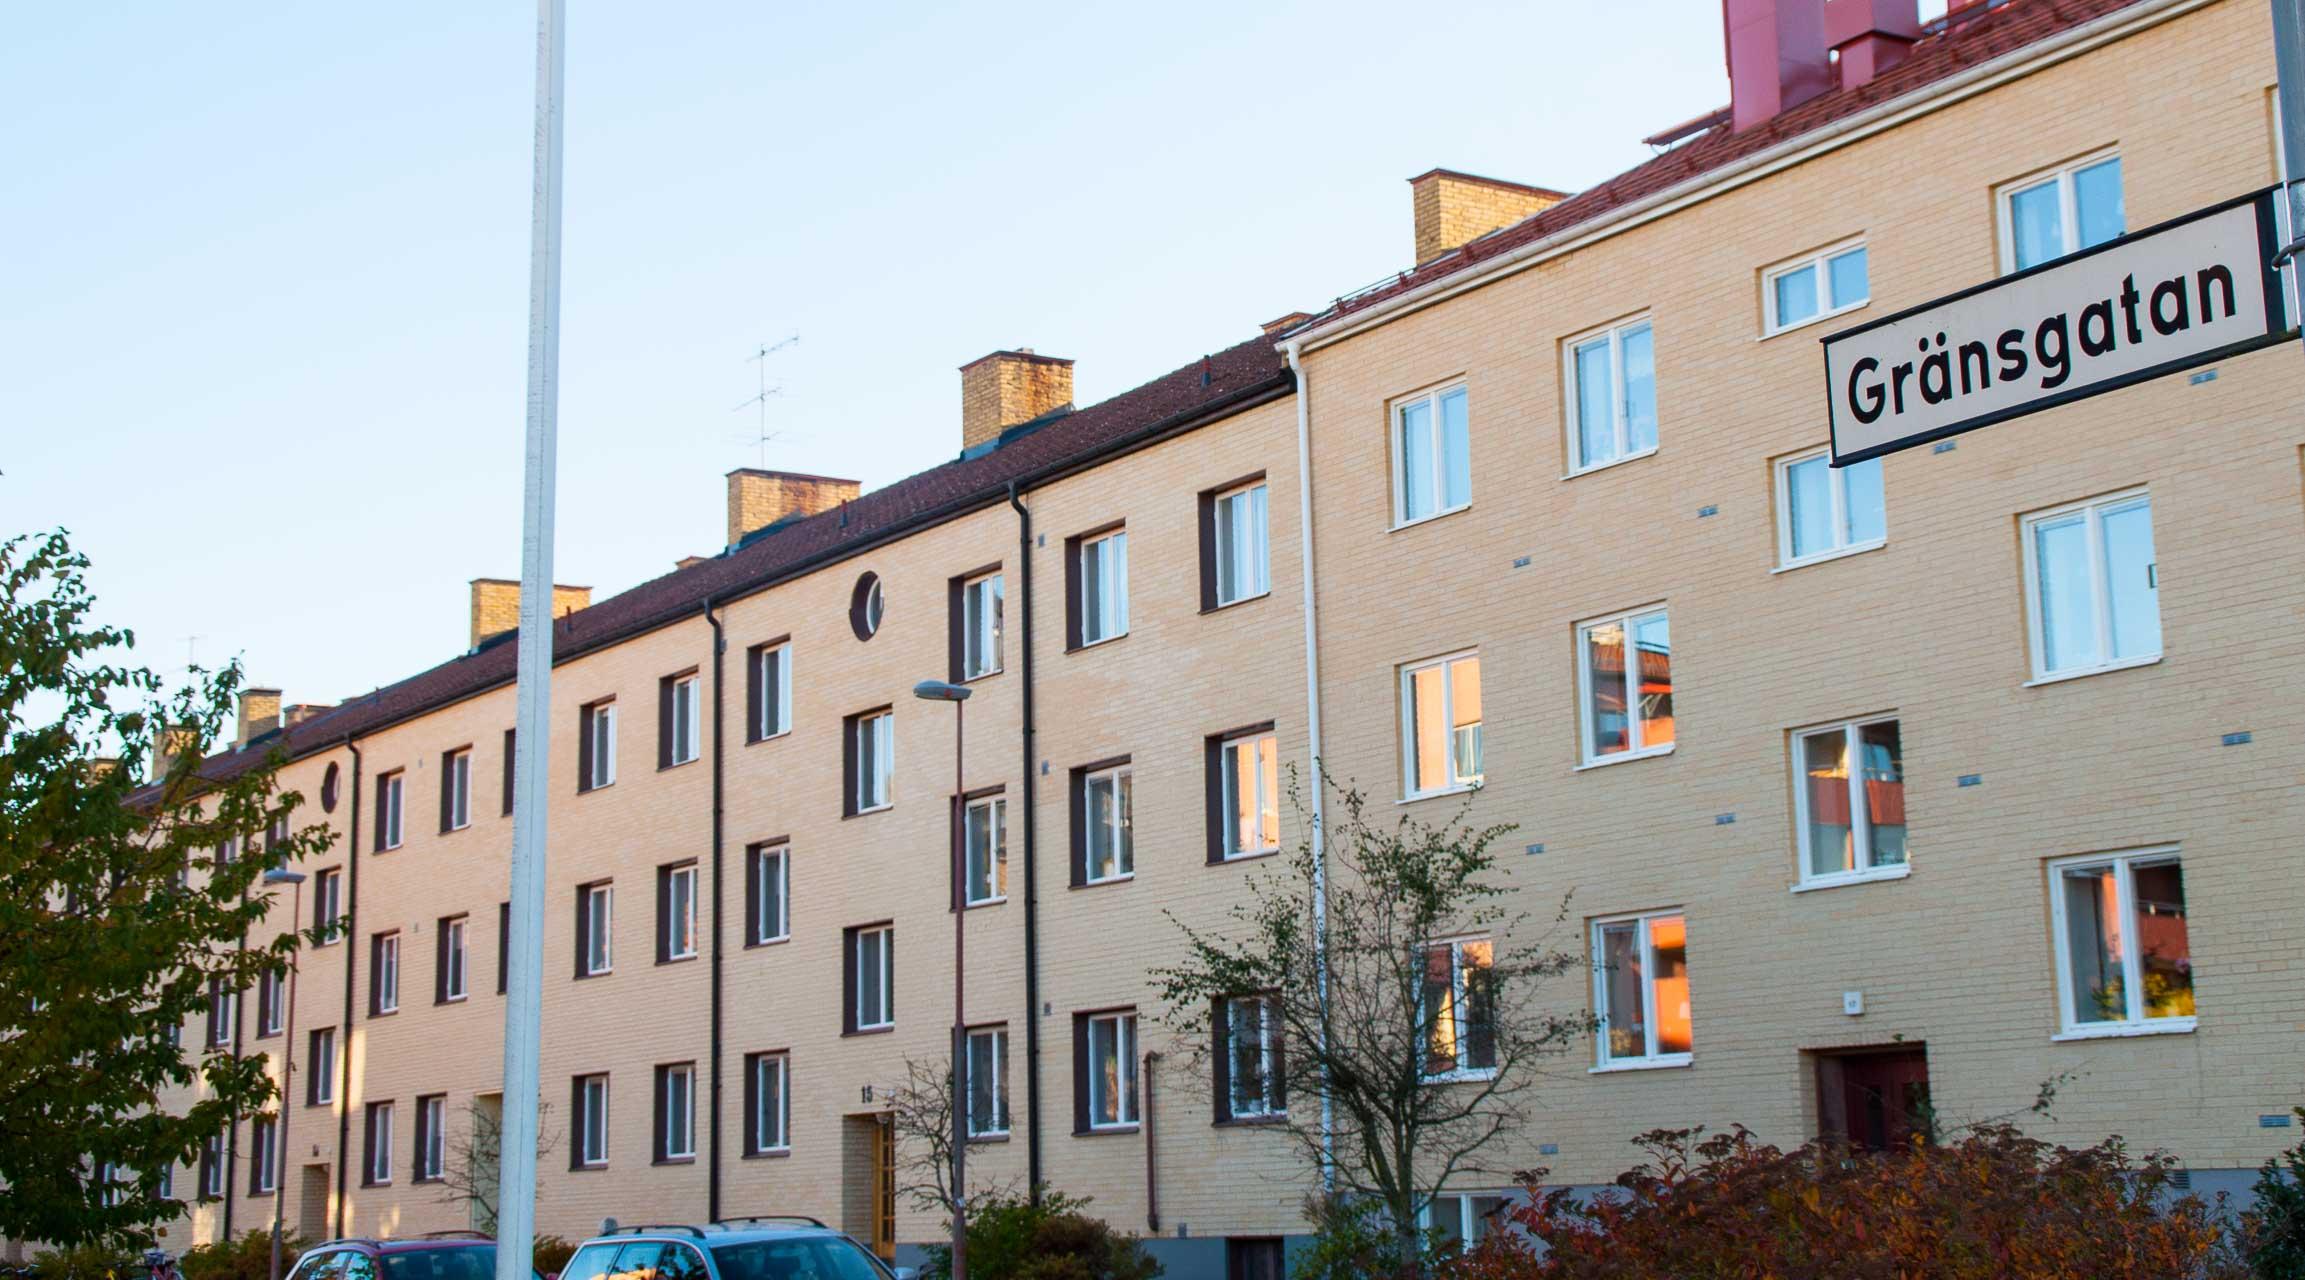 Gränsgatan 13-15, Jönköping